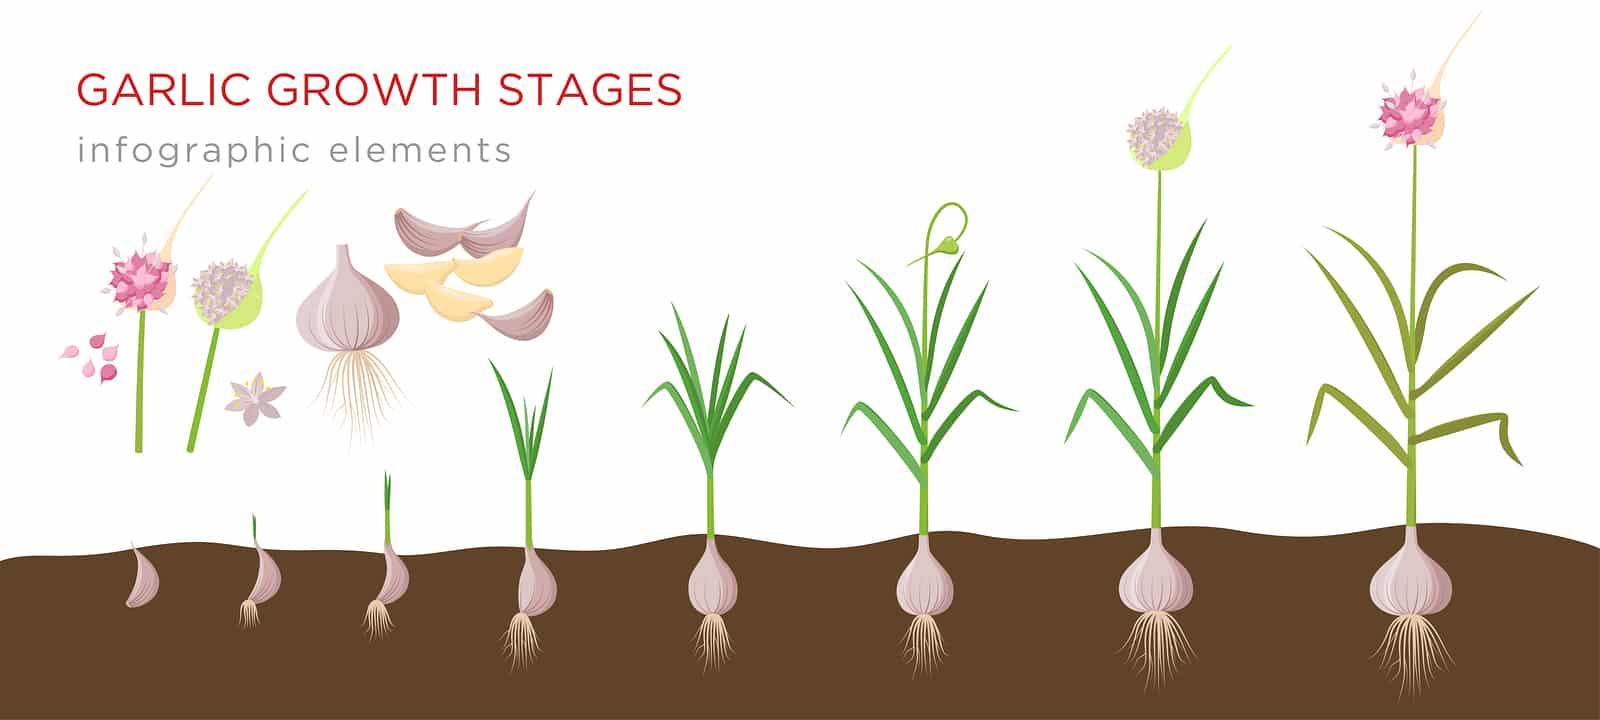 Garlic plant growing